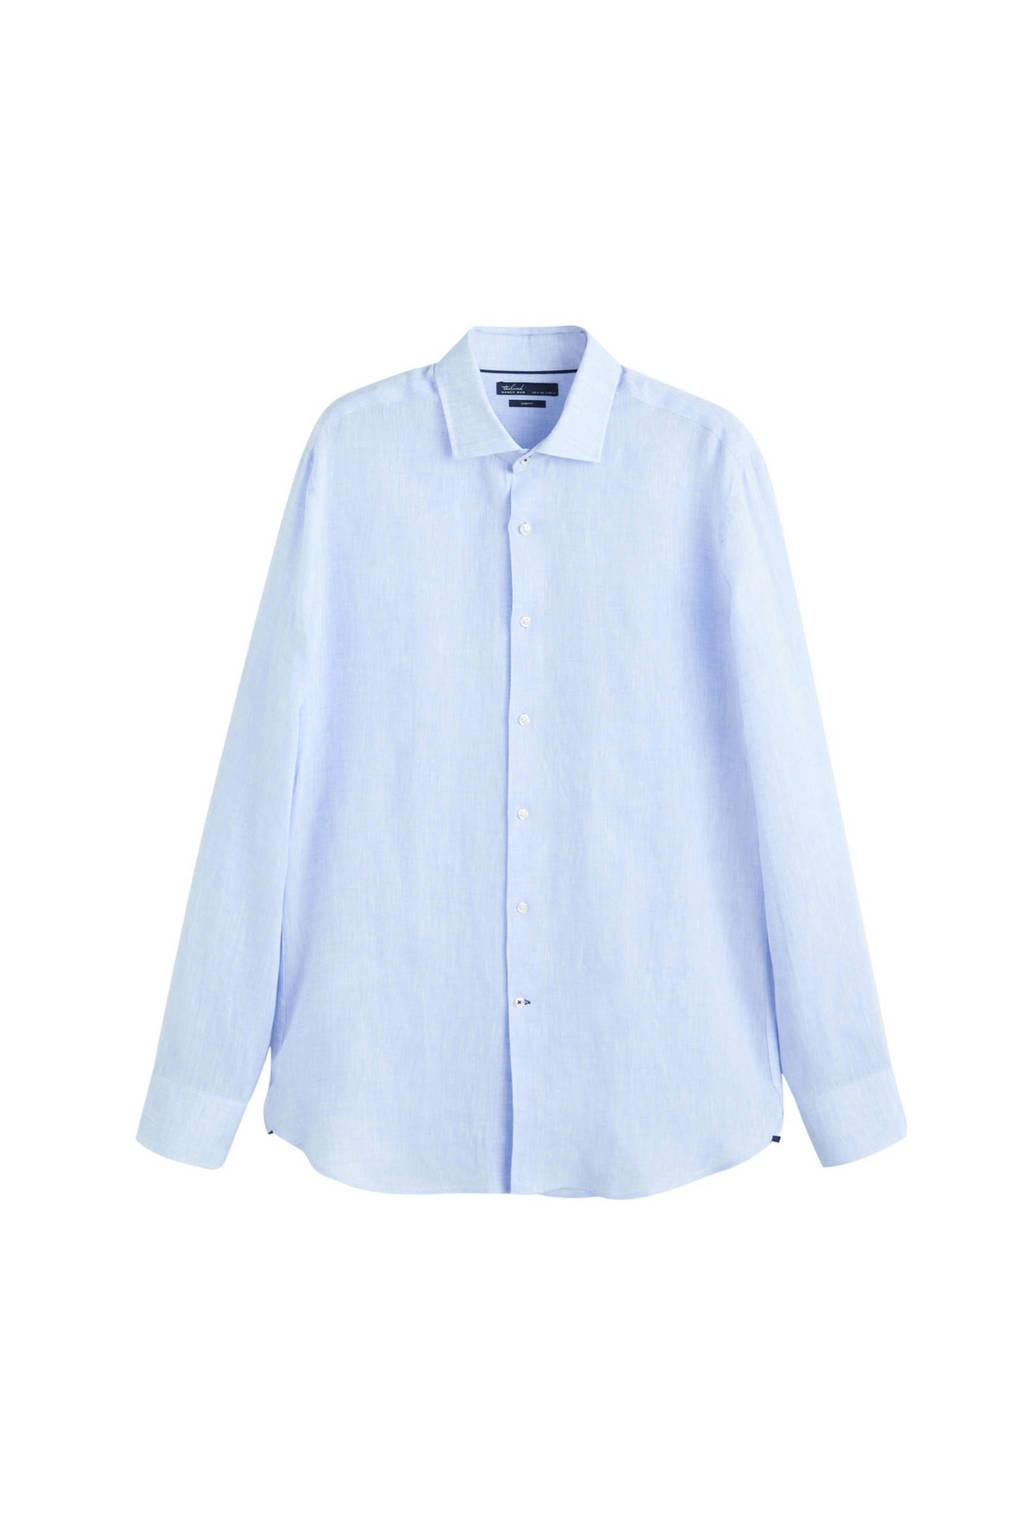 Mango Man linnen overhemd, pastelblauw